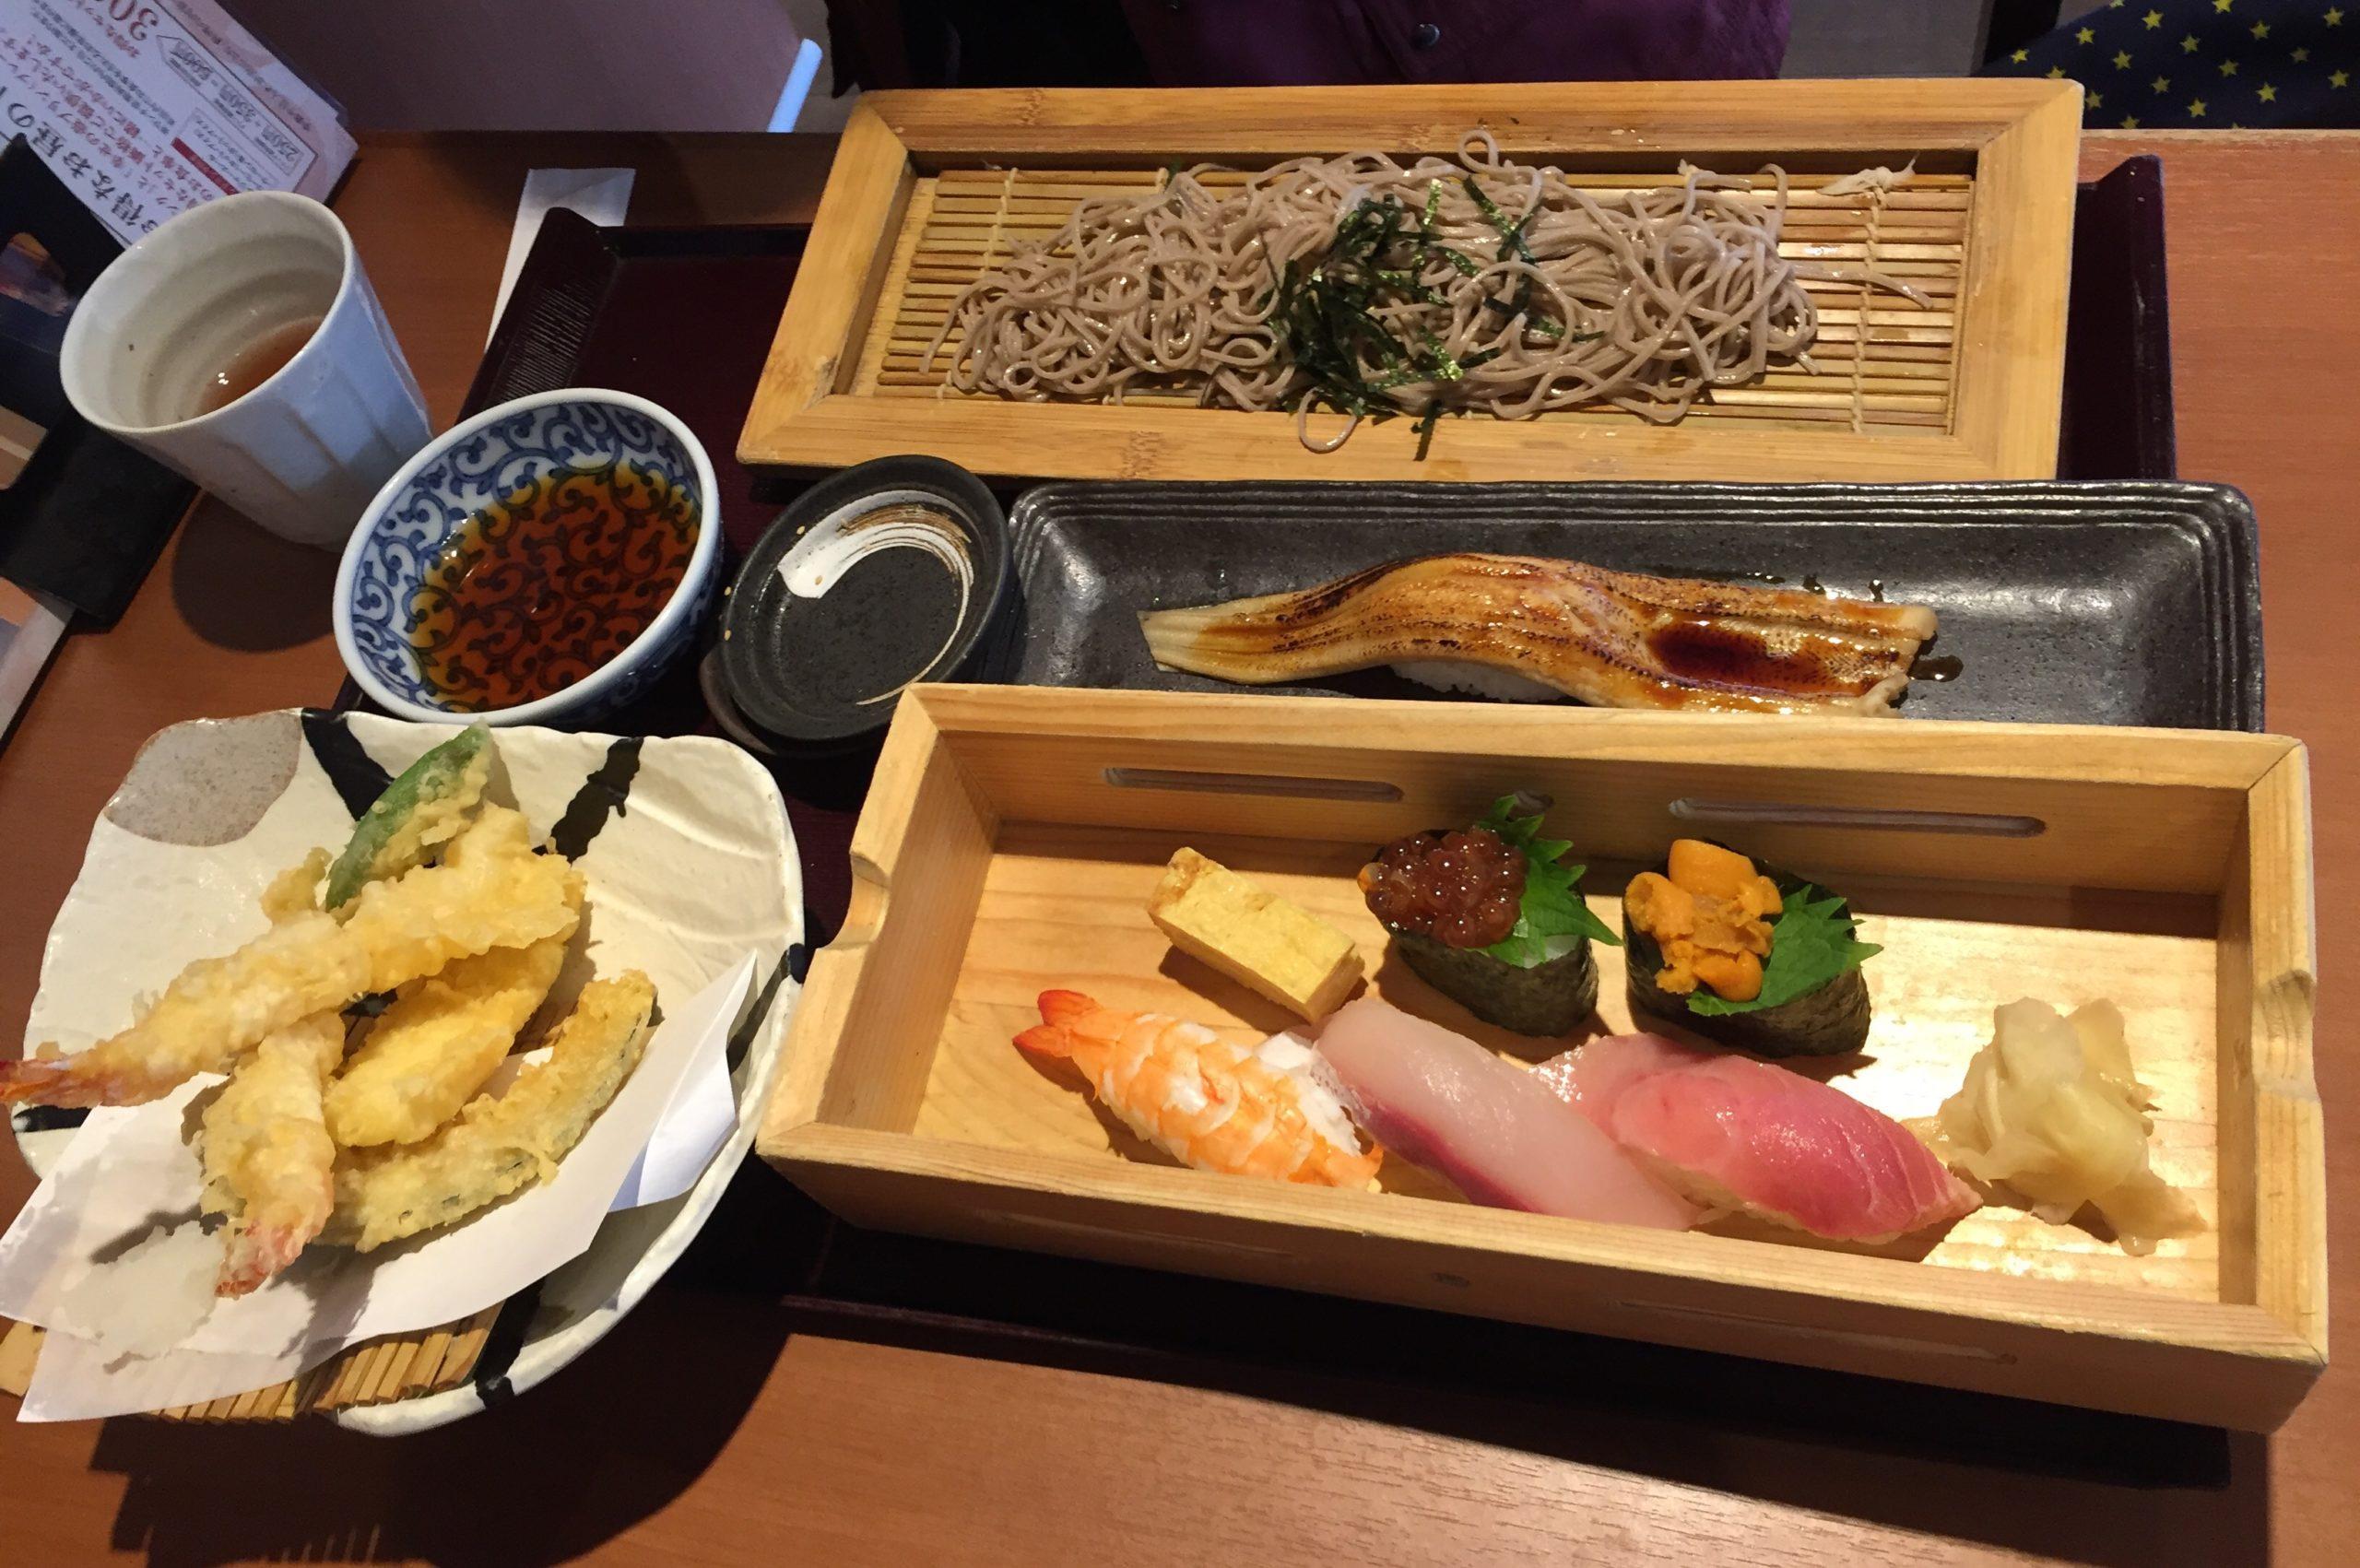 すし・創作料理 一幸(いちこう)に行ってきた♪おすすめの、美味しかったメニューを紹介します!寿司、てんぷら、スイーツも